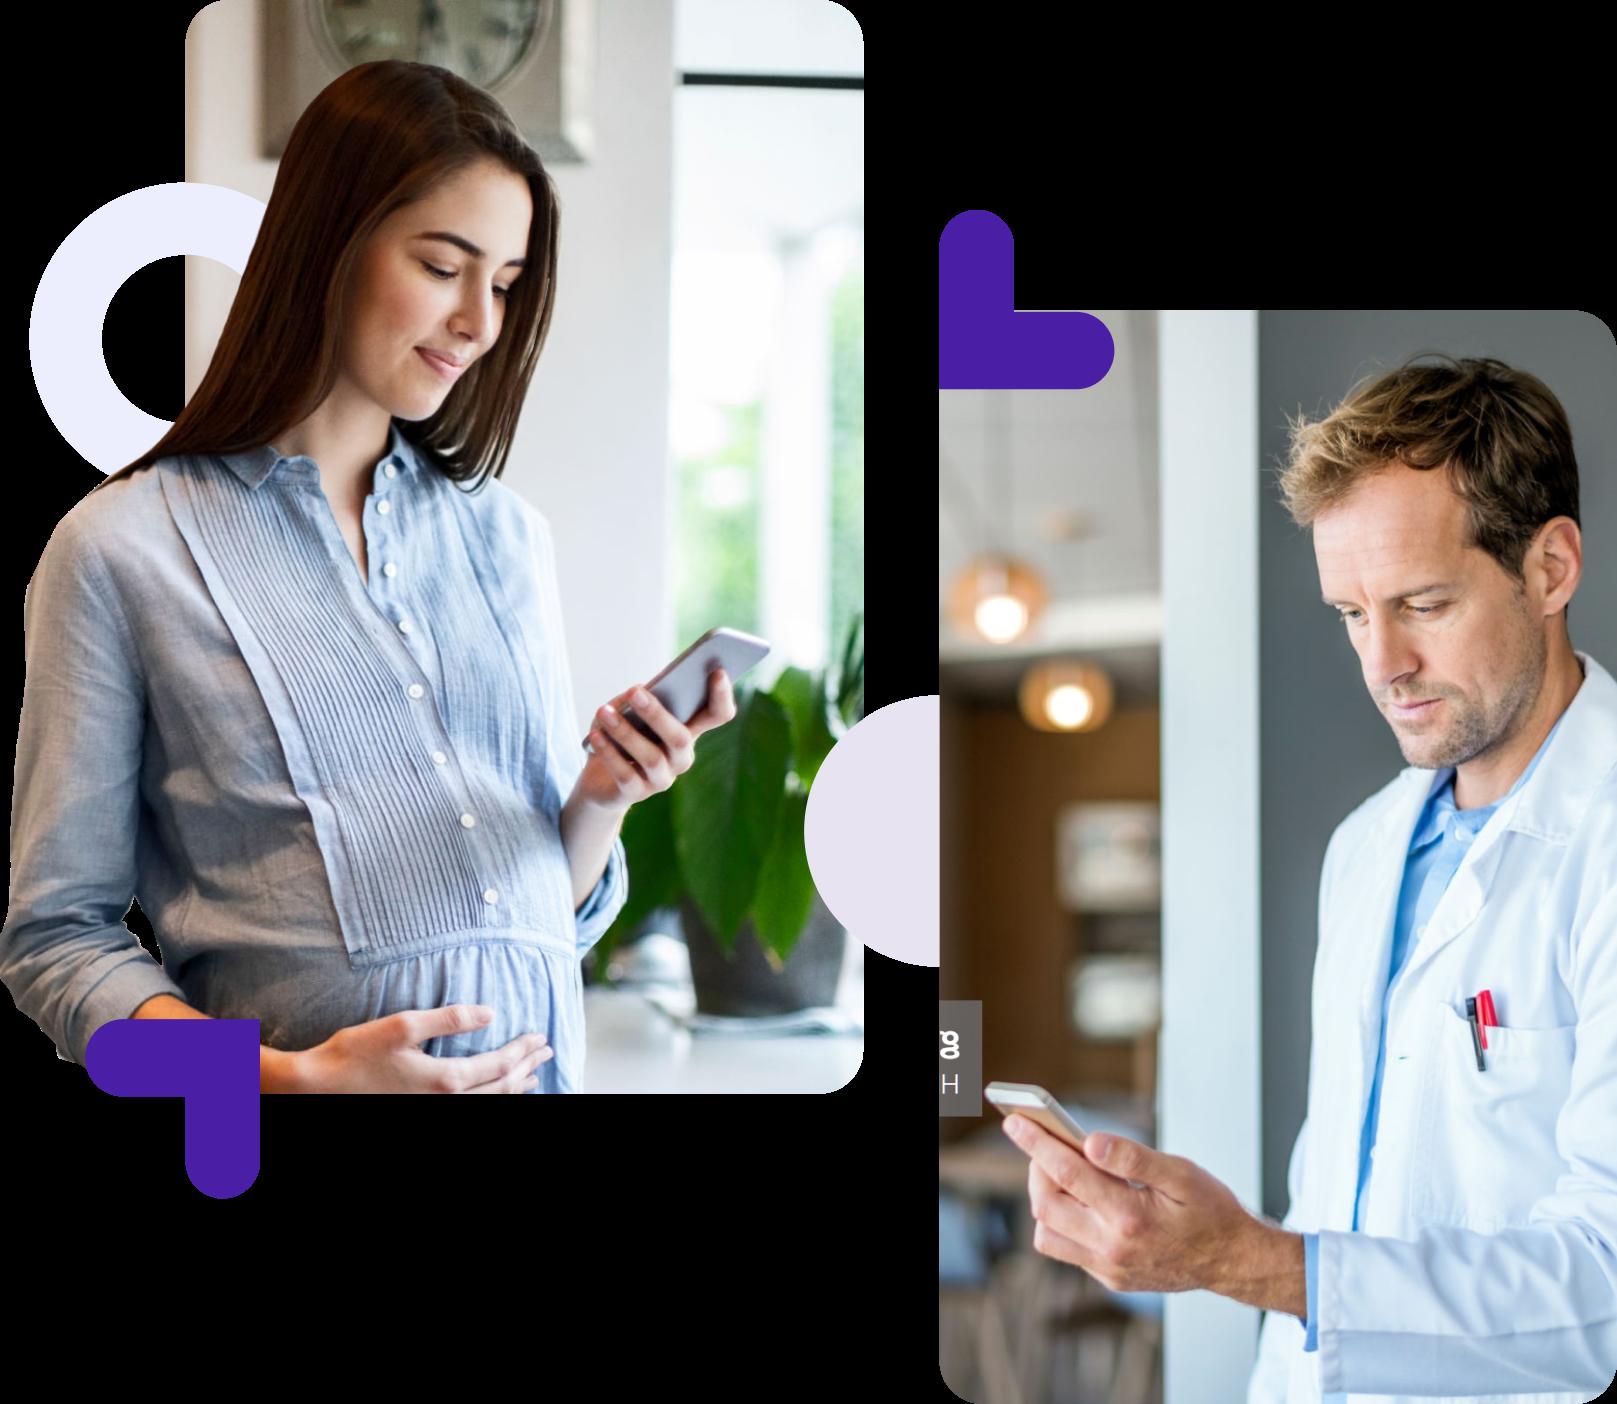 Paciente y doctor. Chat, llamada y videollamada.